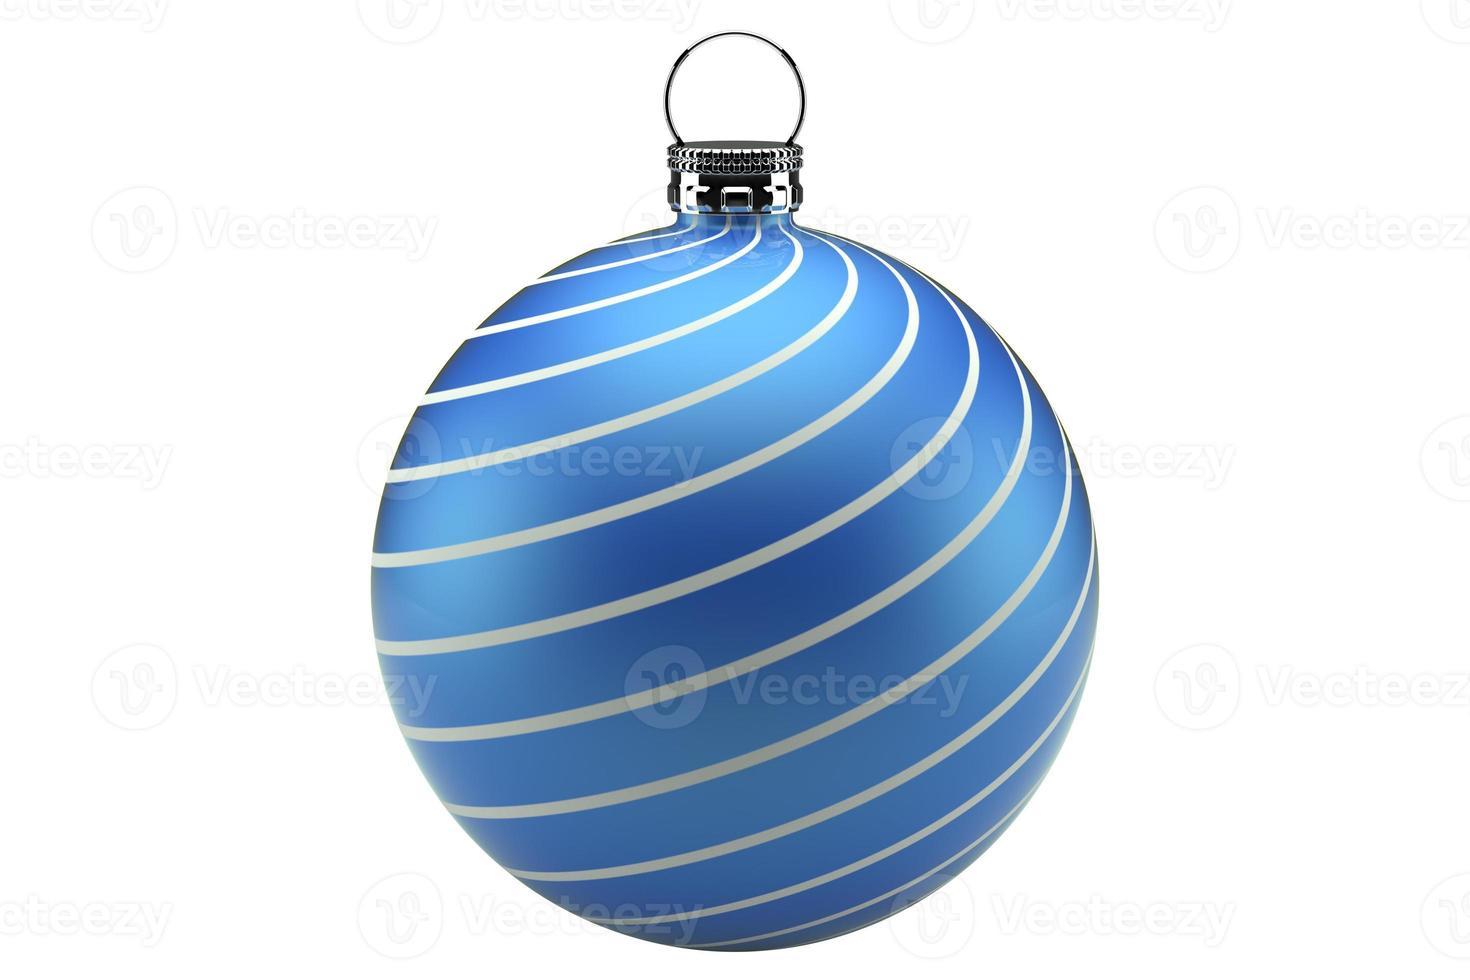 kerstbal blauw foto